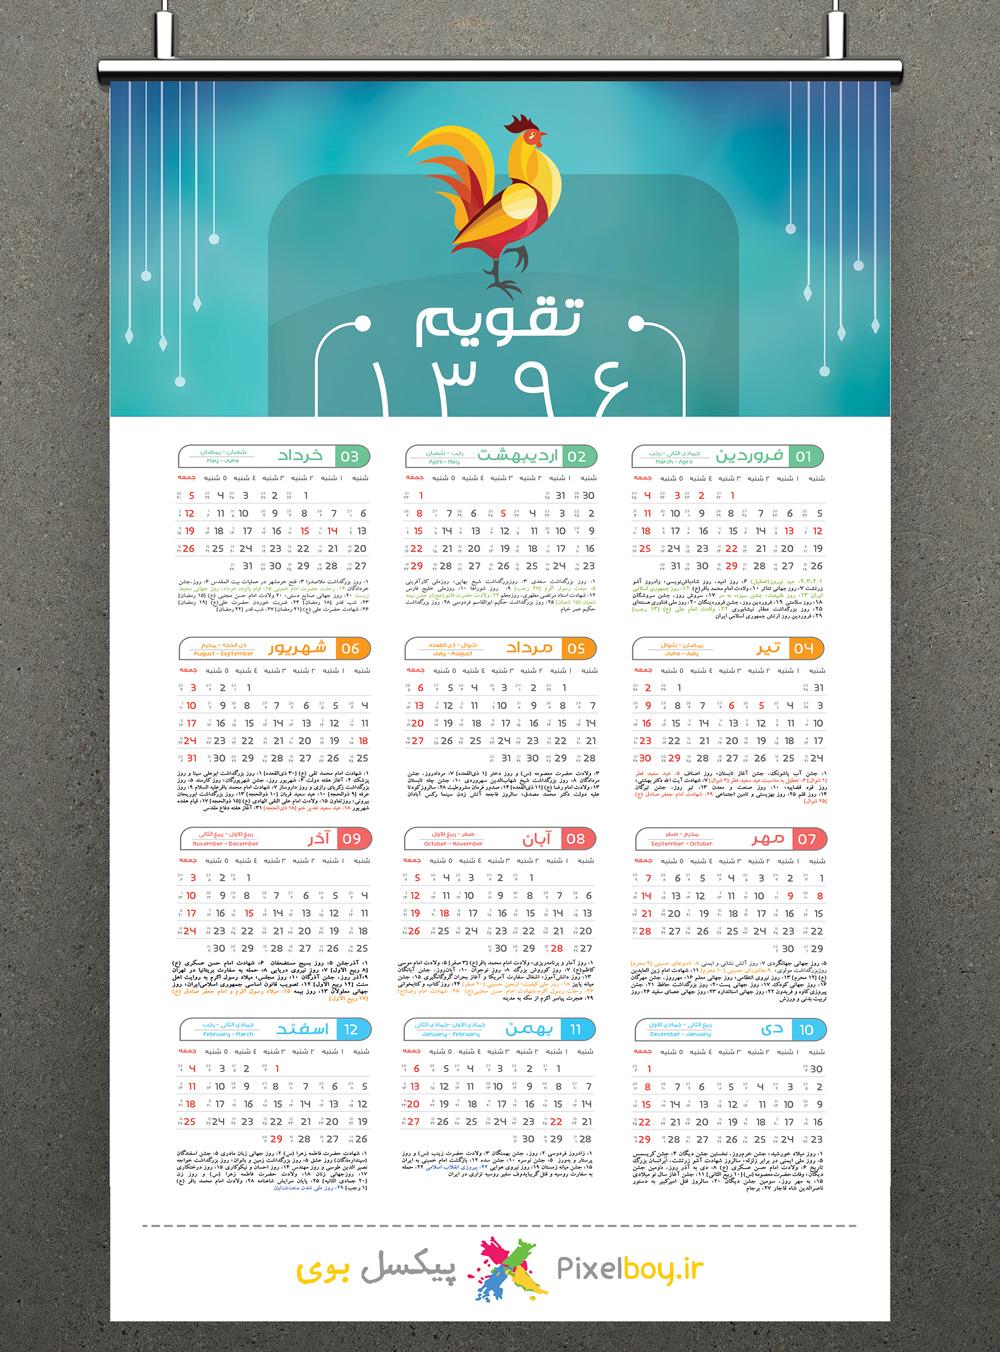 دانلود رایگان تقویم سال 96 با سبک فلت به صورت لایه باز